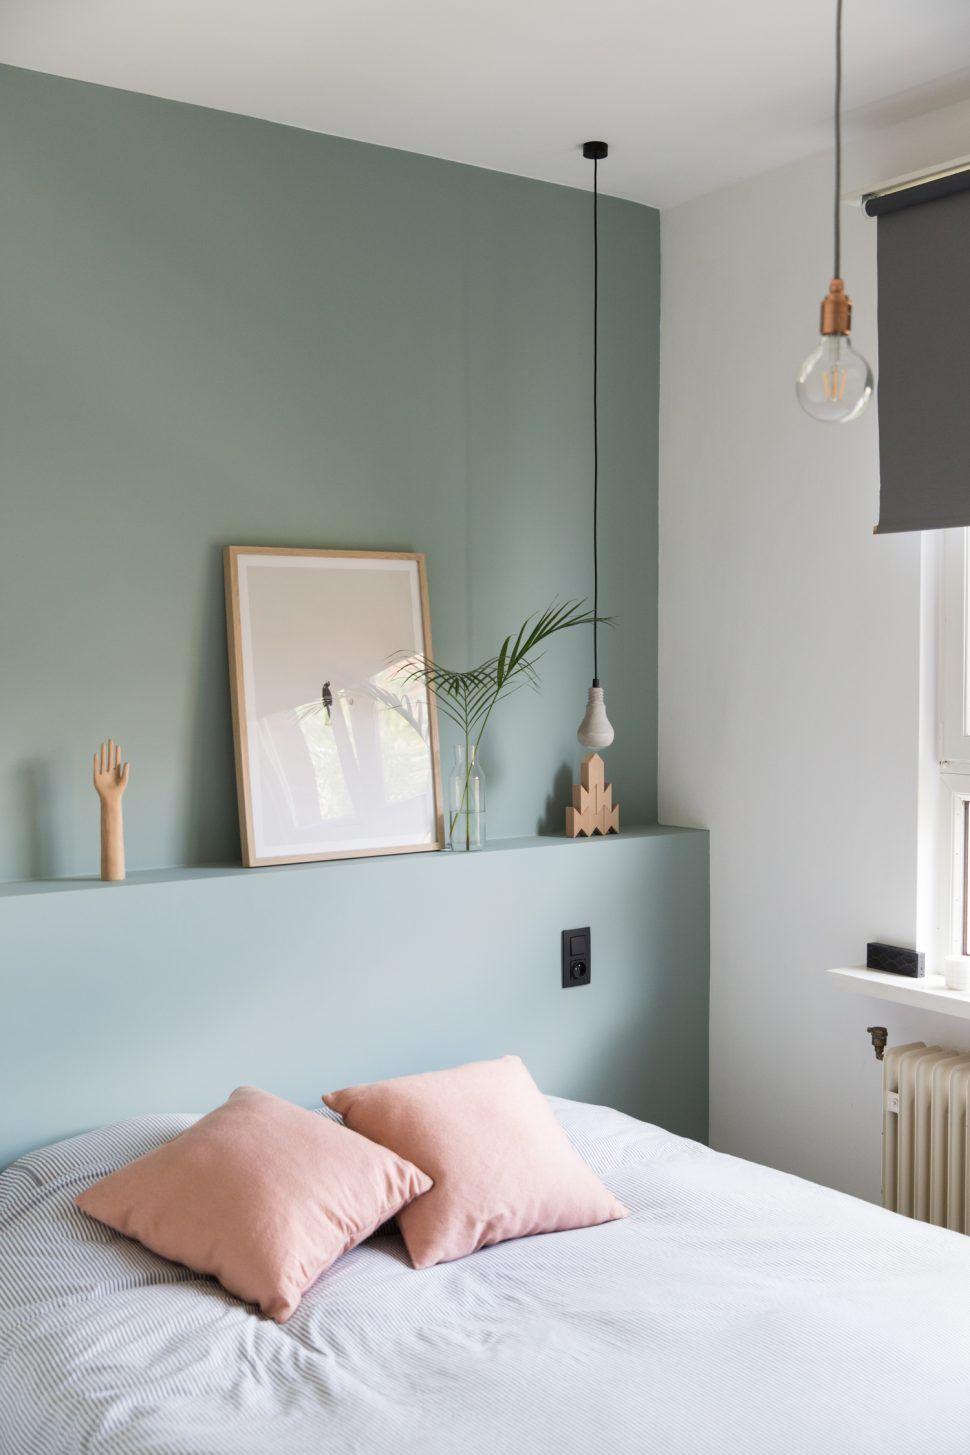 Grüne Farbe Farben Für Schlafzimmer Wohnen